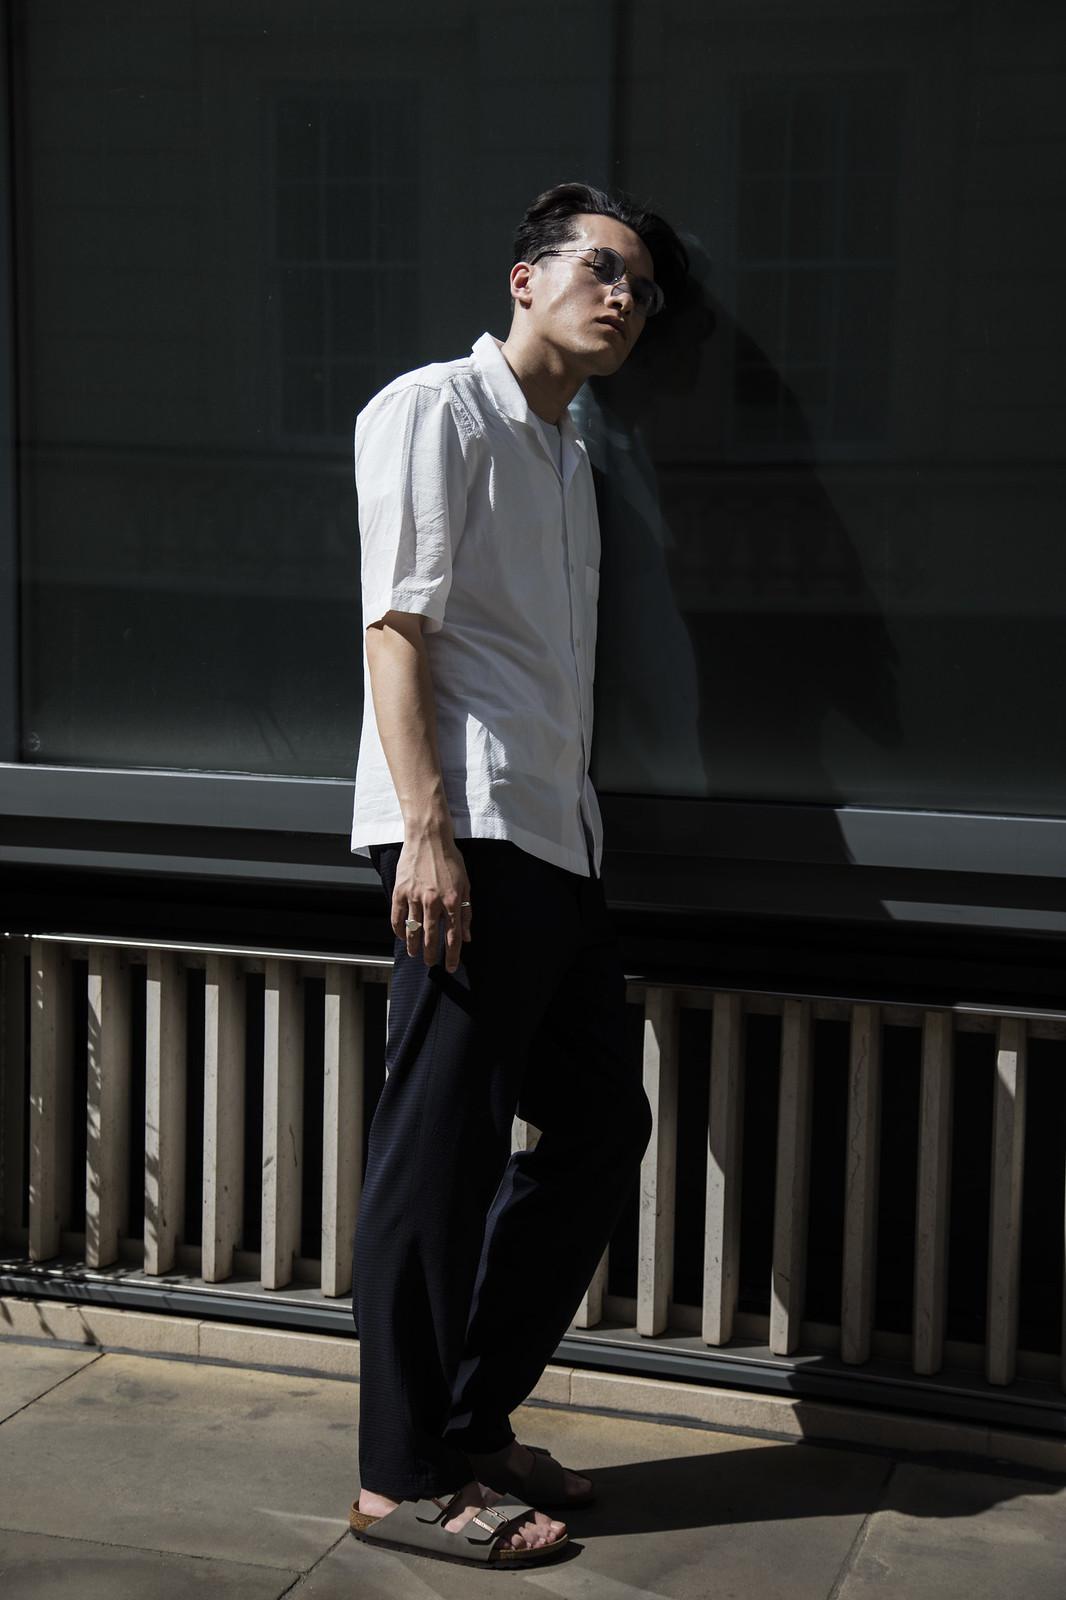 Jordan_Bunker_london_in_the_sun_8